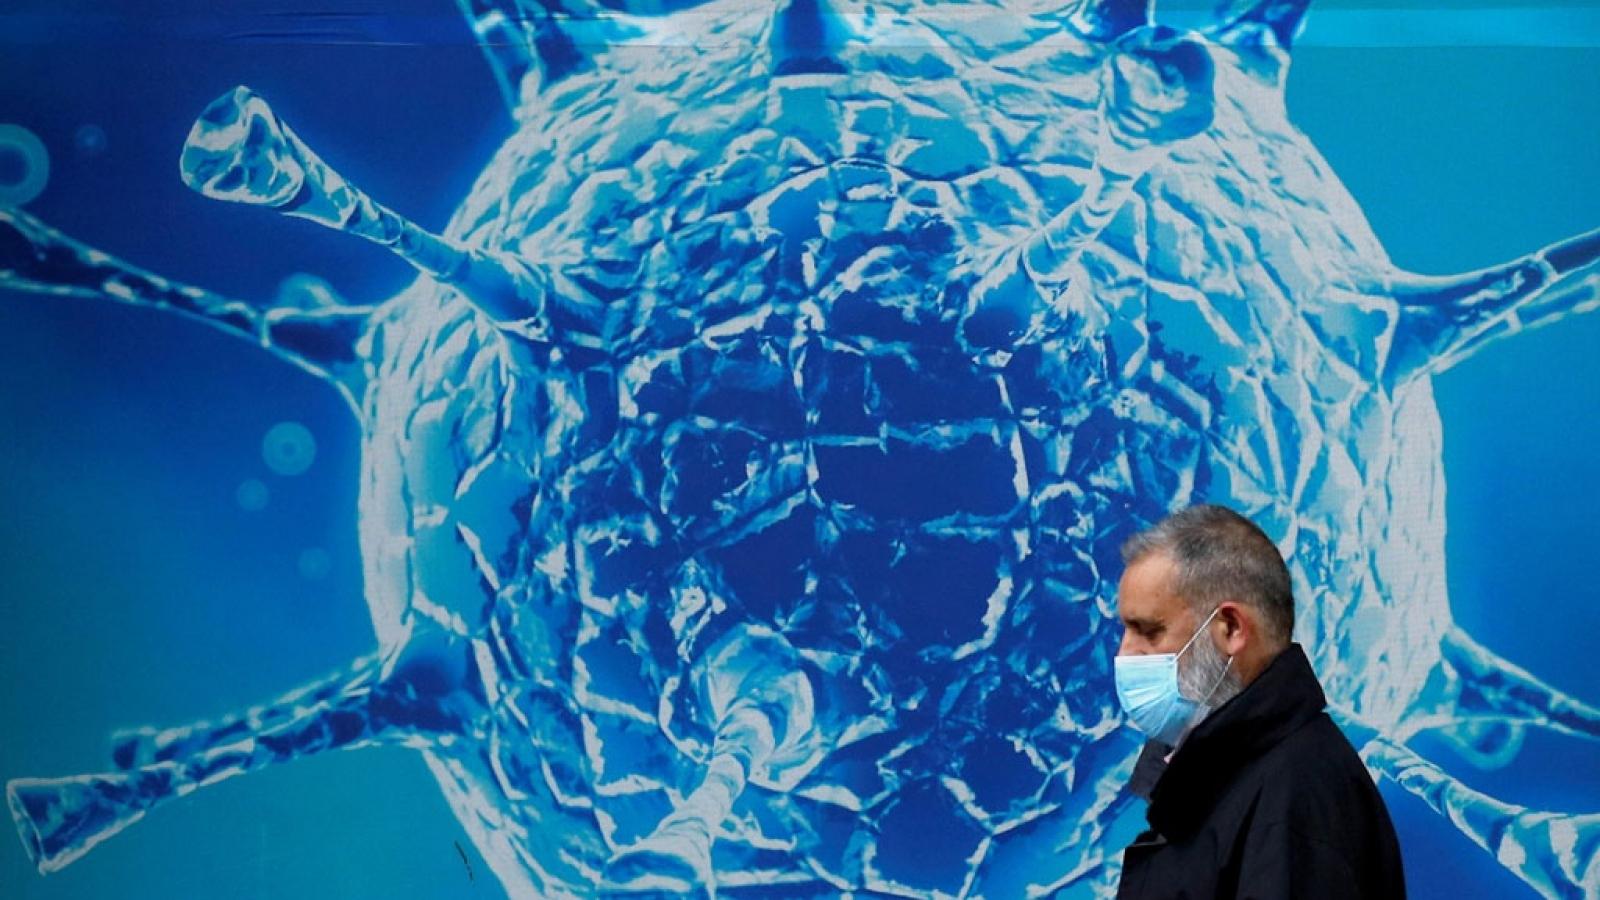 Chuyên gia Mỹ: Thế giới sẽ đối mặt với đại dịch khác nếu không tìm ra nguồn gốc Covid-19